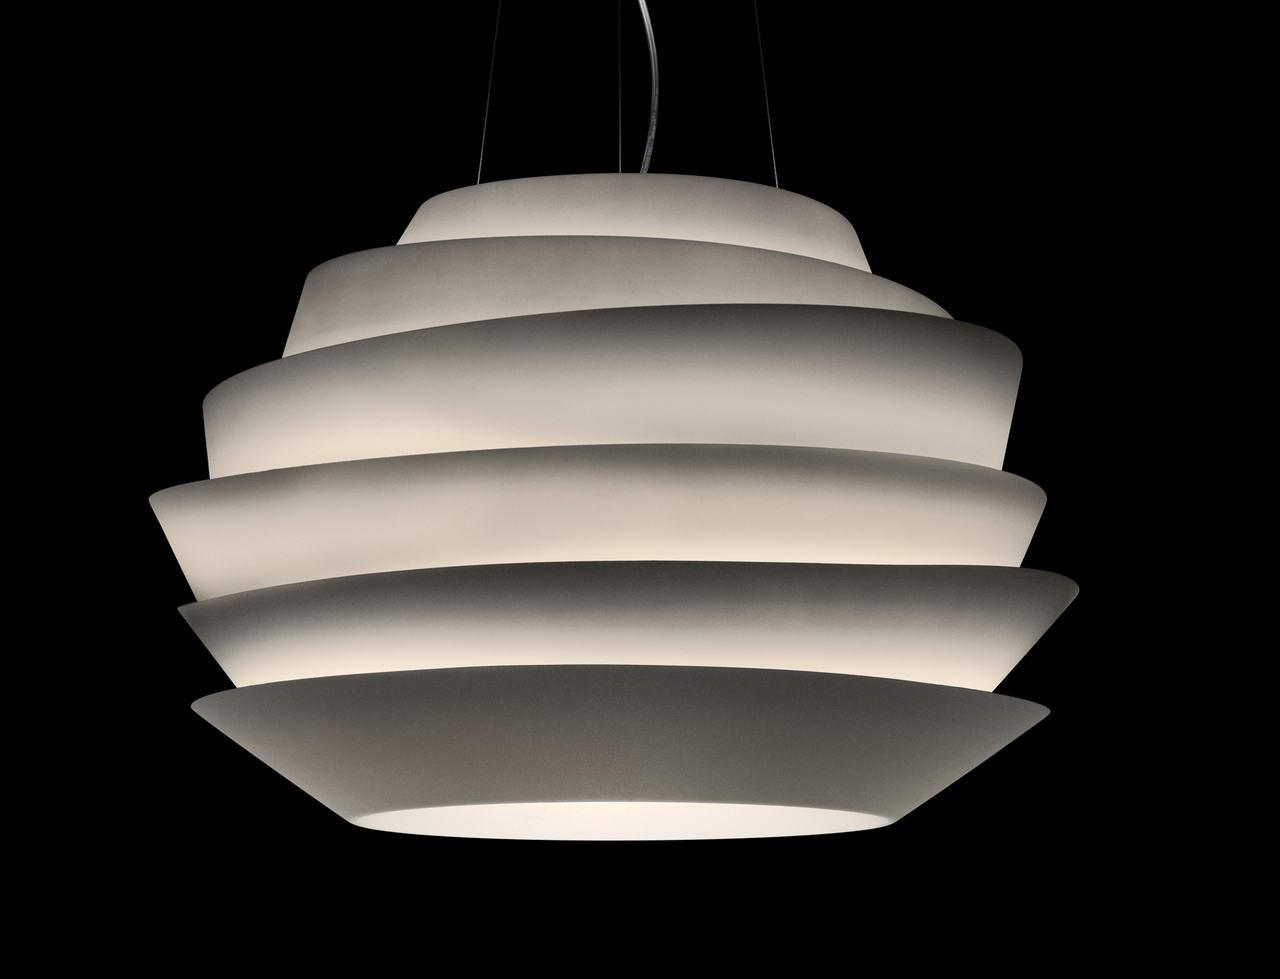 Foscarini 171 Design Diffusion